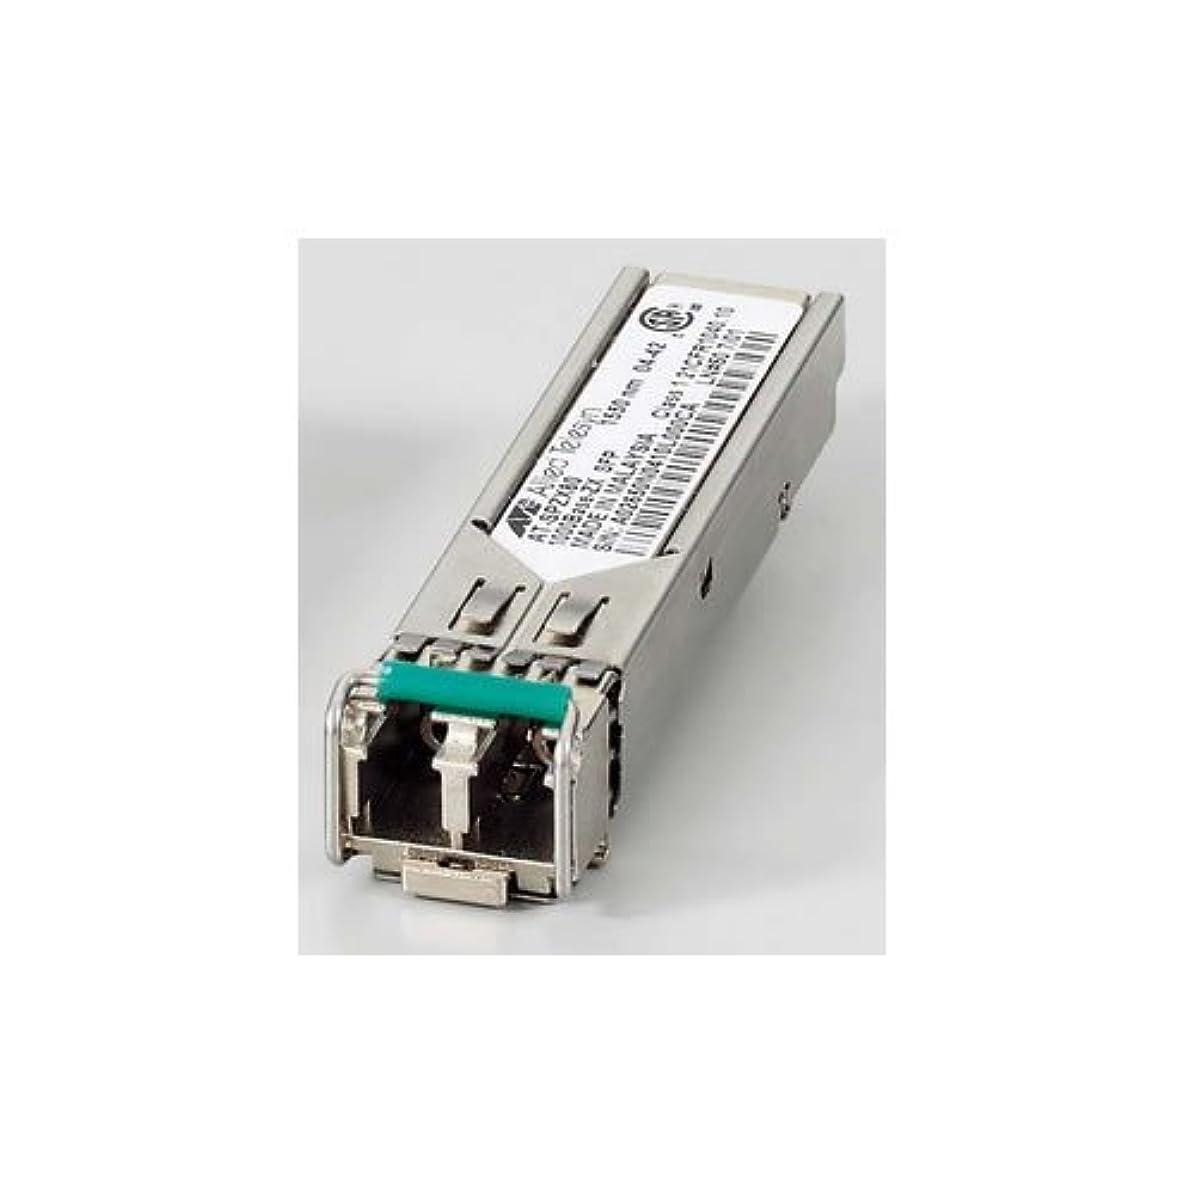 ケニア狭い姉妹アライドテレシス AT-SPZX80-Z3 SFP(mini-GBIC)モジュール 0125RZ3